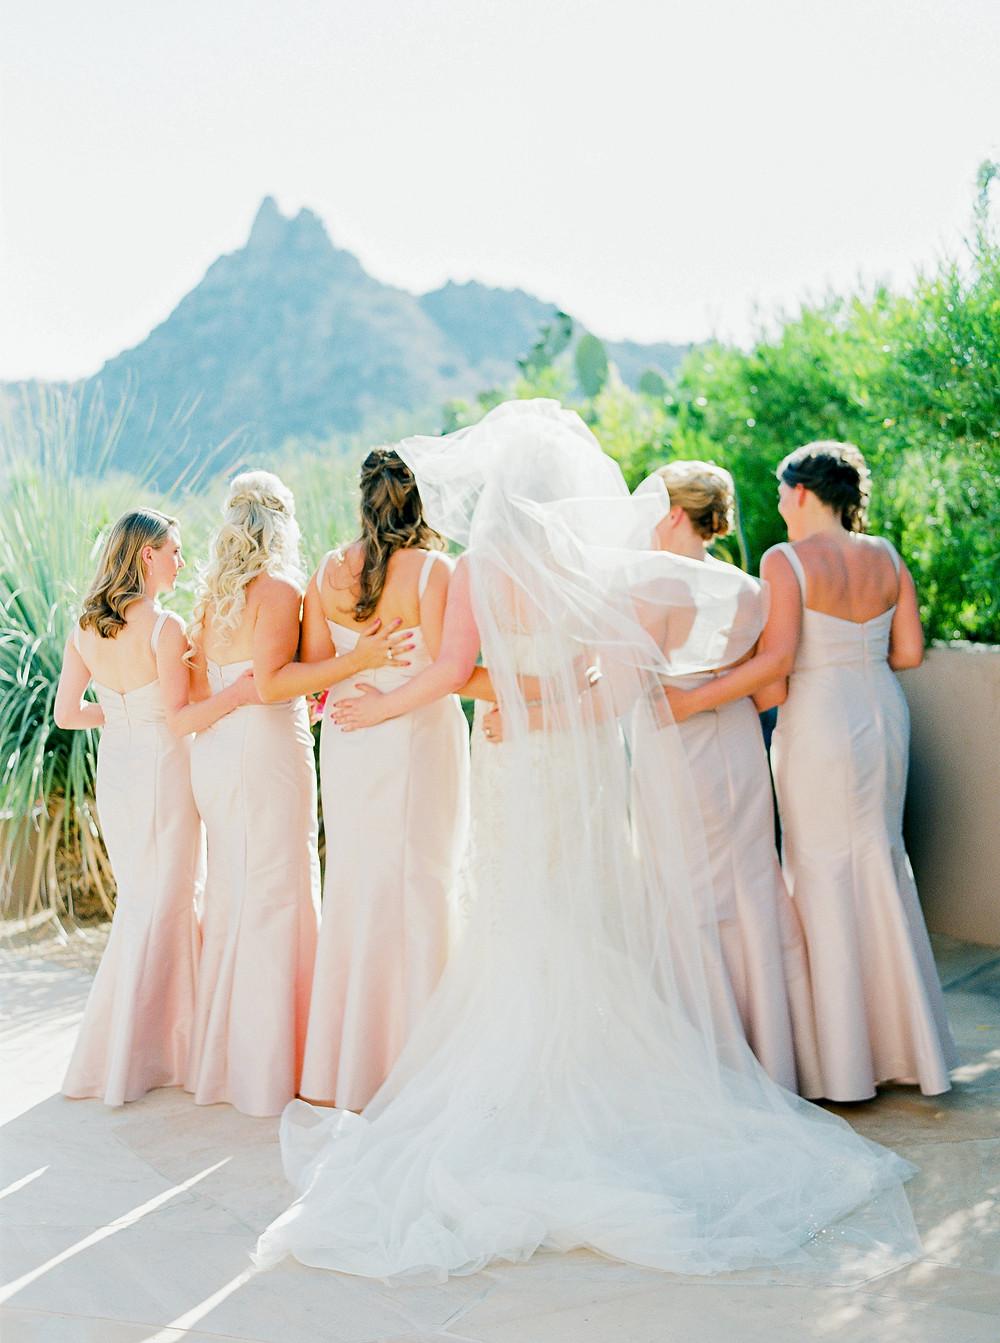 Scottsdale Wedding Photographer | Elyse Hall Photography